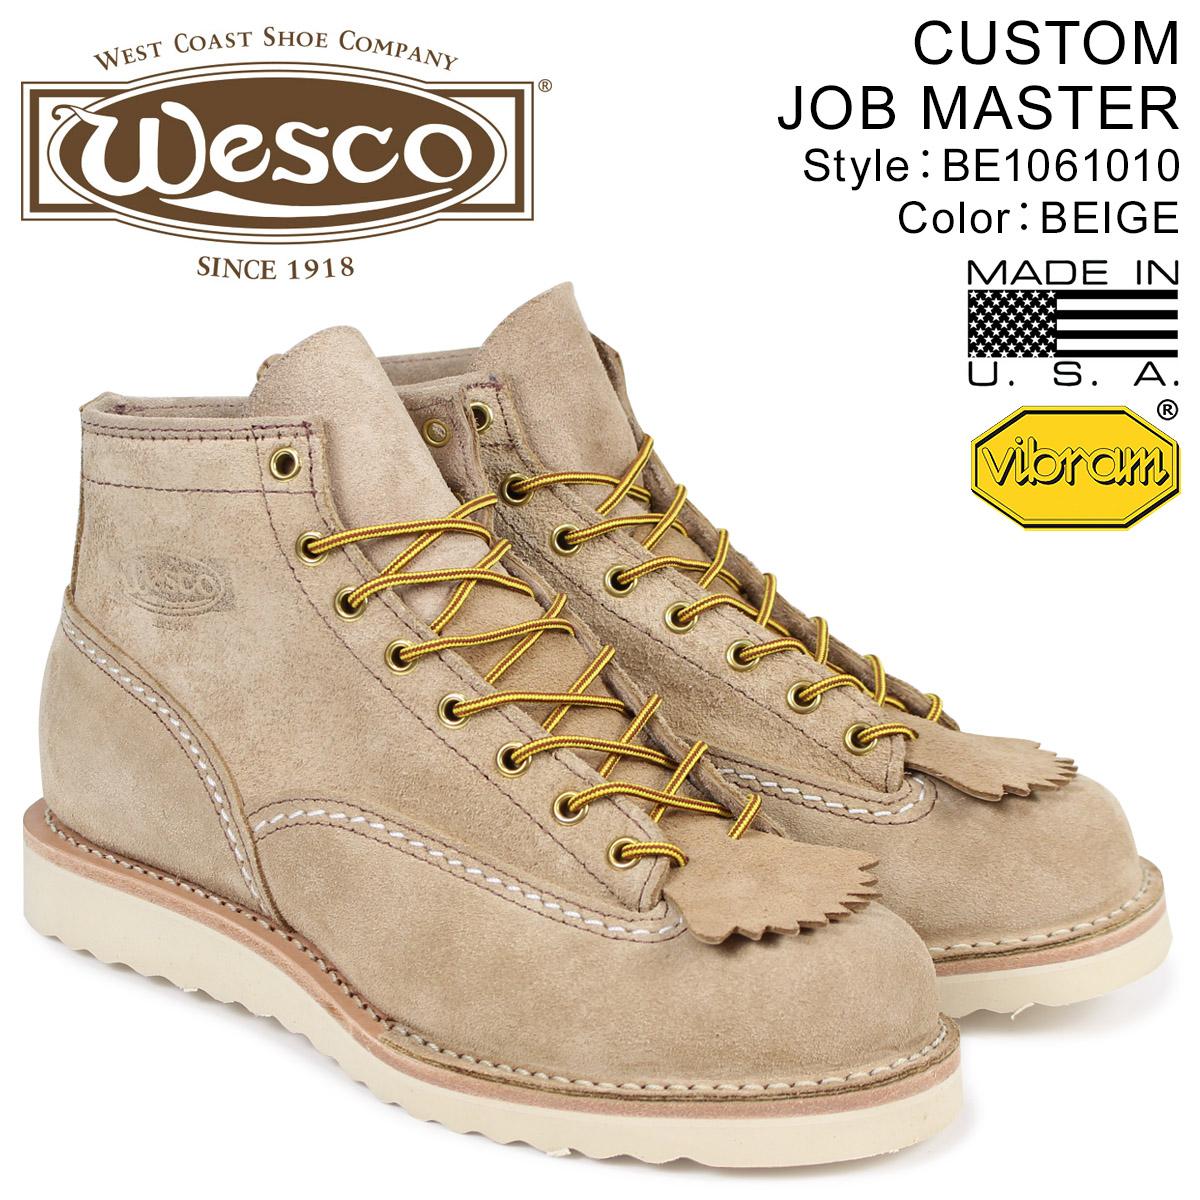 ウエスコ WESCO ジョブマスター ブーツ 6インチ カスタム 6INCH CUSTOM JOB MASTER Eワイズ スエード メンズ ベージュ BE1061010 ウェス